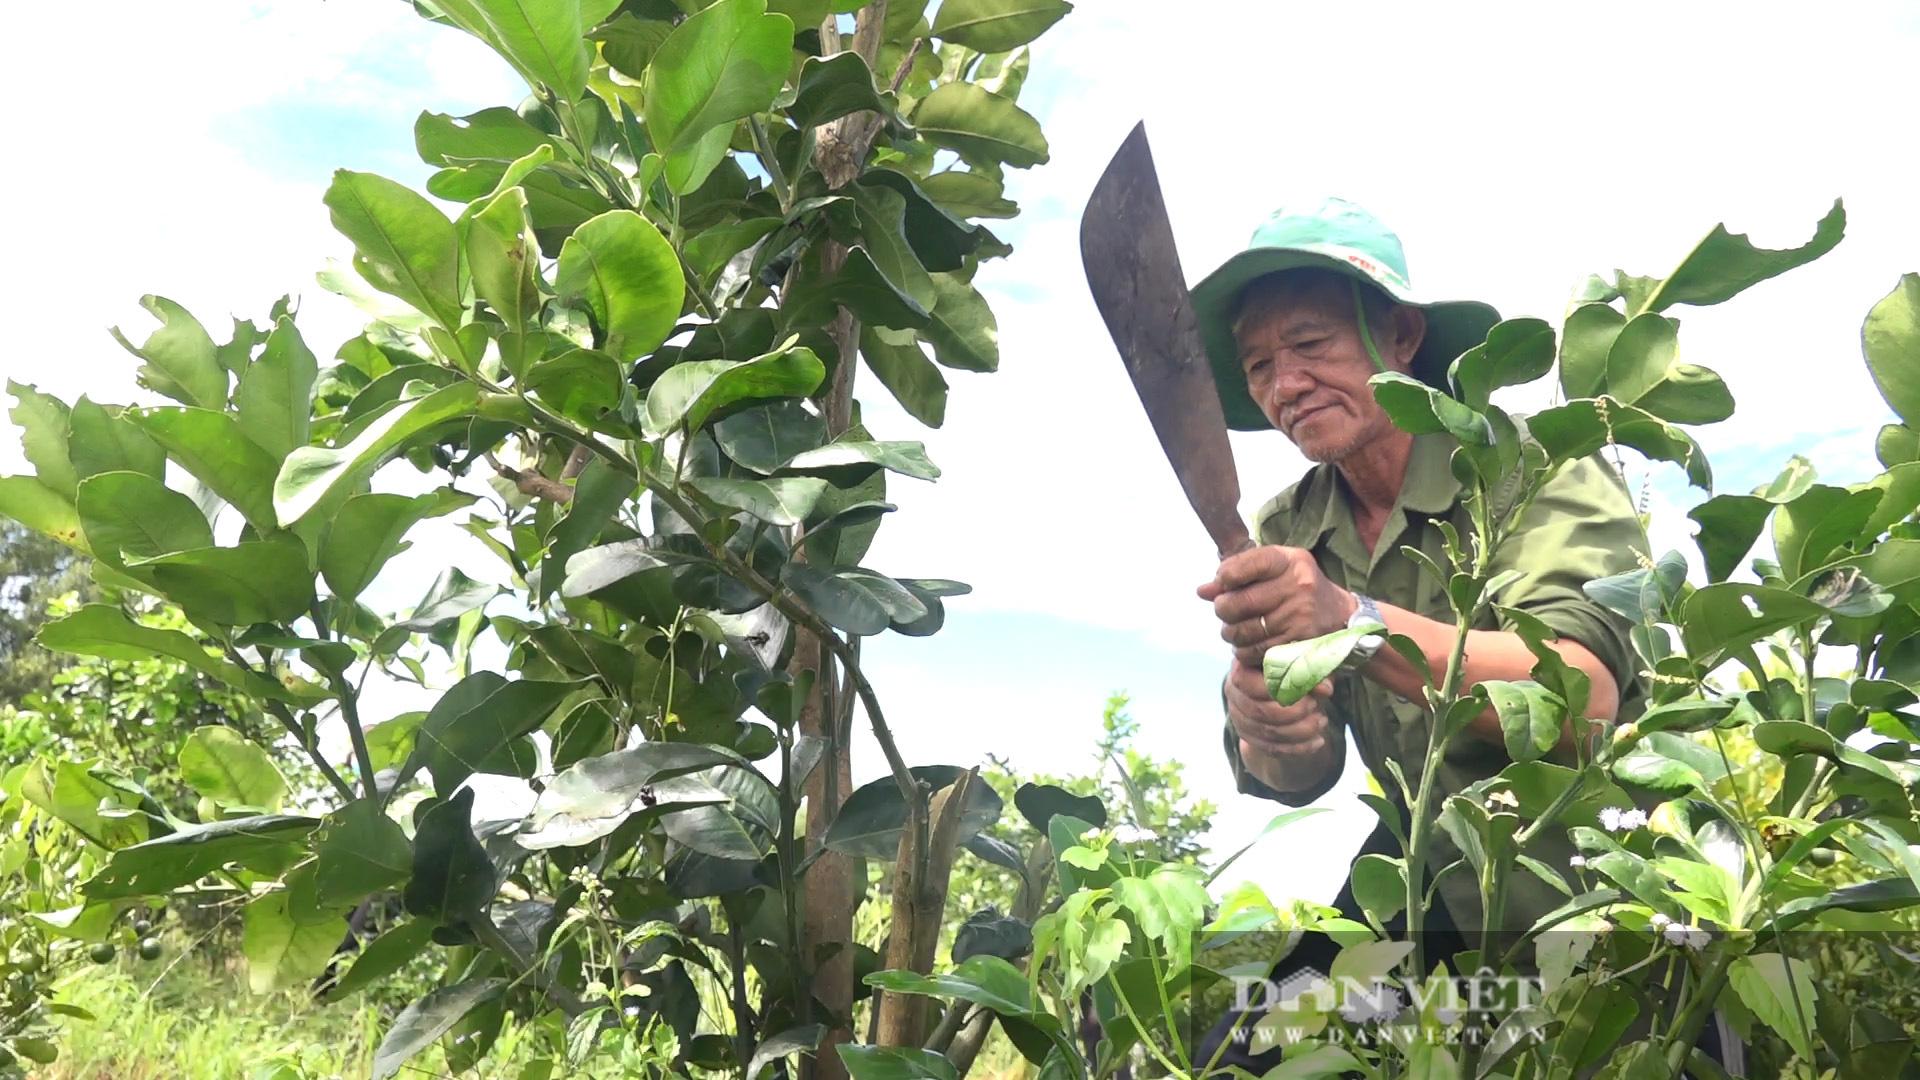 Hậu Giang: Người dân được giao giống bưởi Năm Roi nhưng trồng ra trái bưởi Lông Cổ Cò, đơn vị cung cấp giống xin lỗi - Ảnh 1.